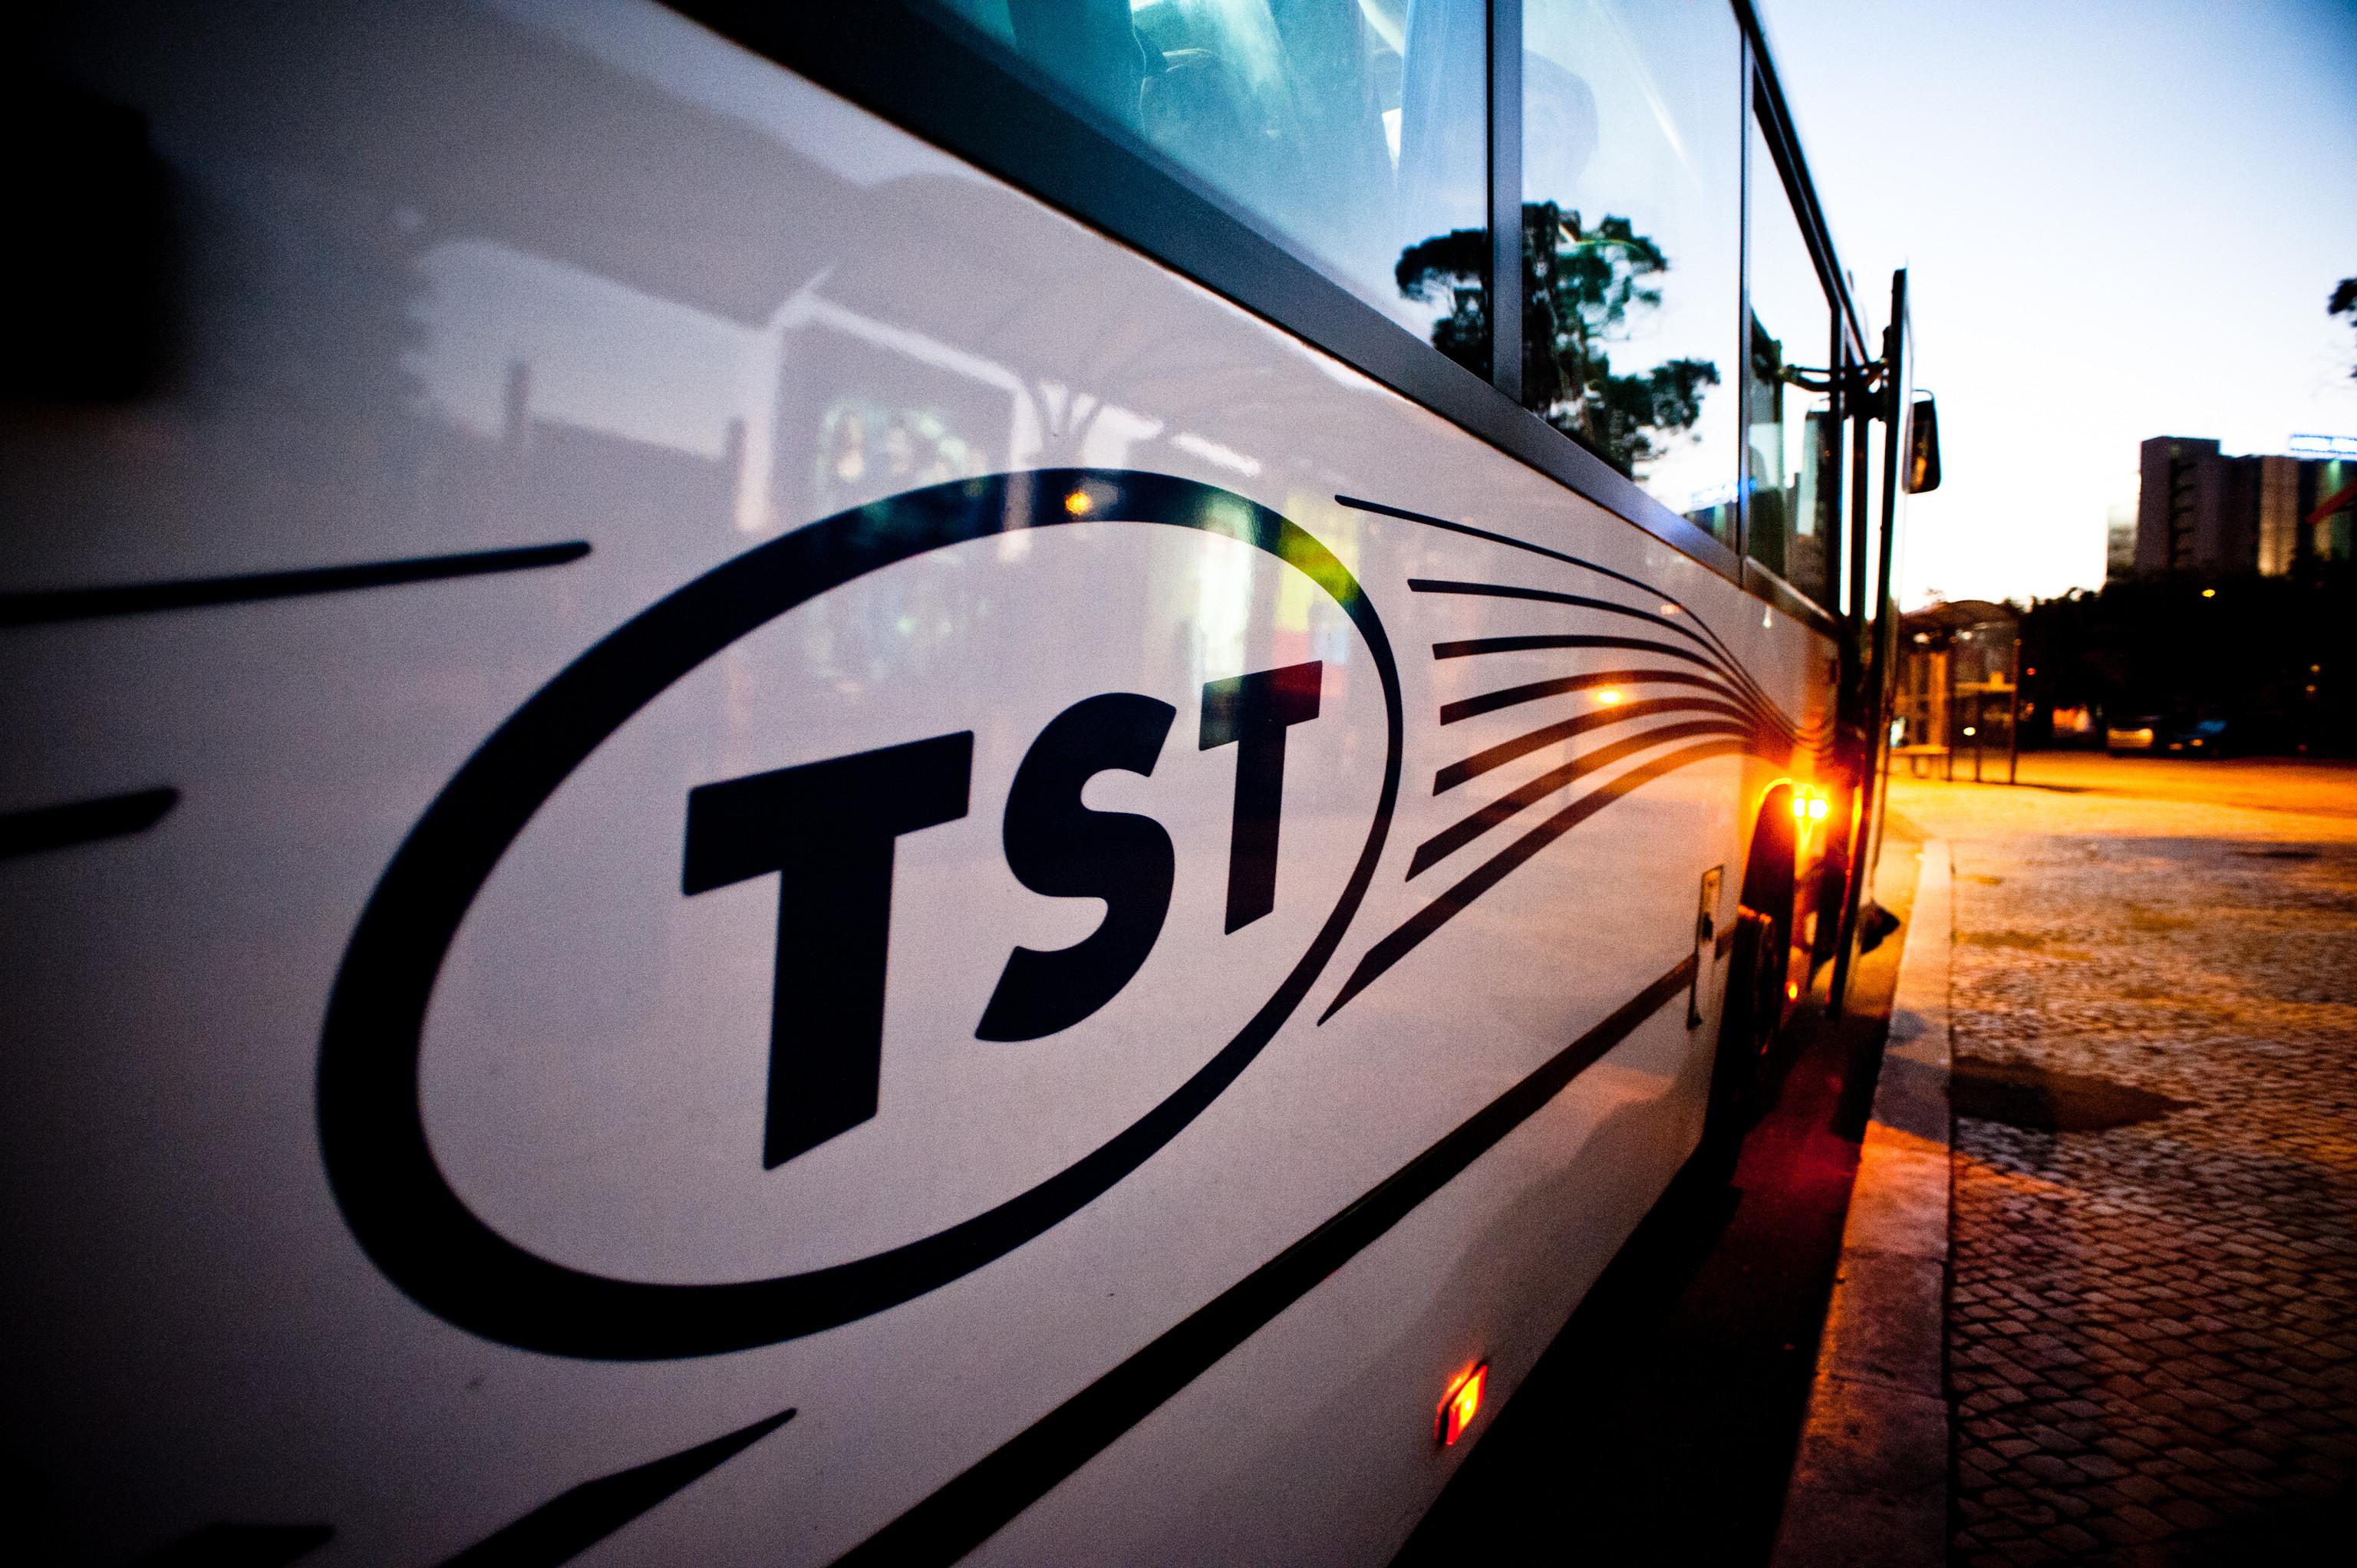 Adesão à greve na TST entre os 61% da empresa e mais de 90% do sindicato